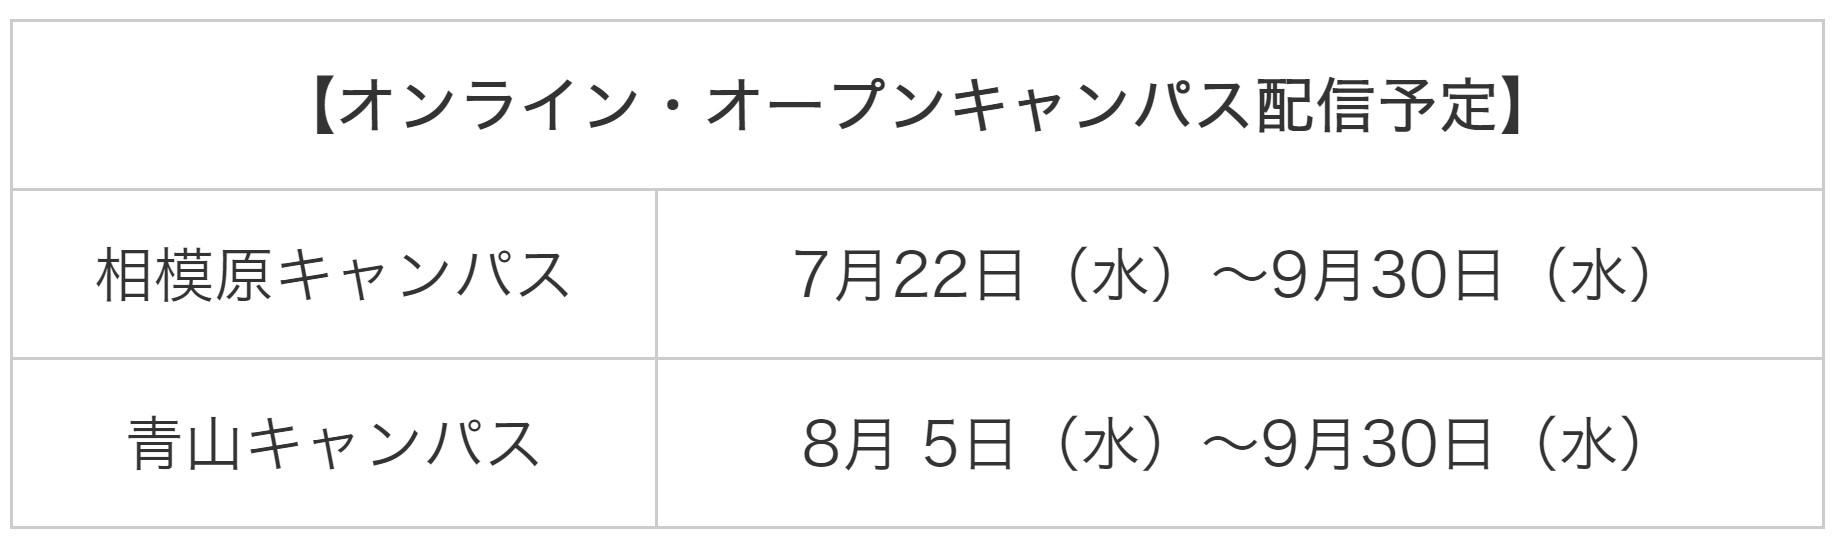 青山学院大学オンライン・オープンキャンパス配信予定